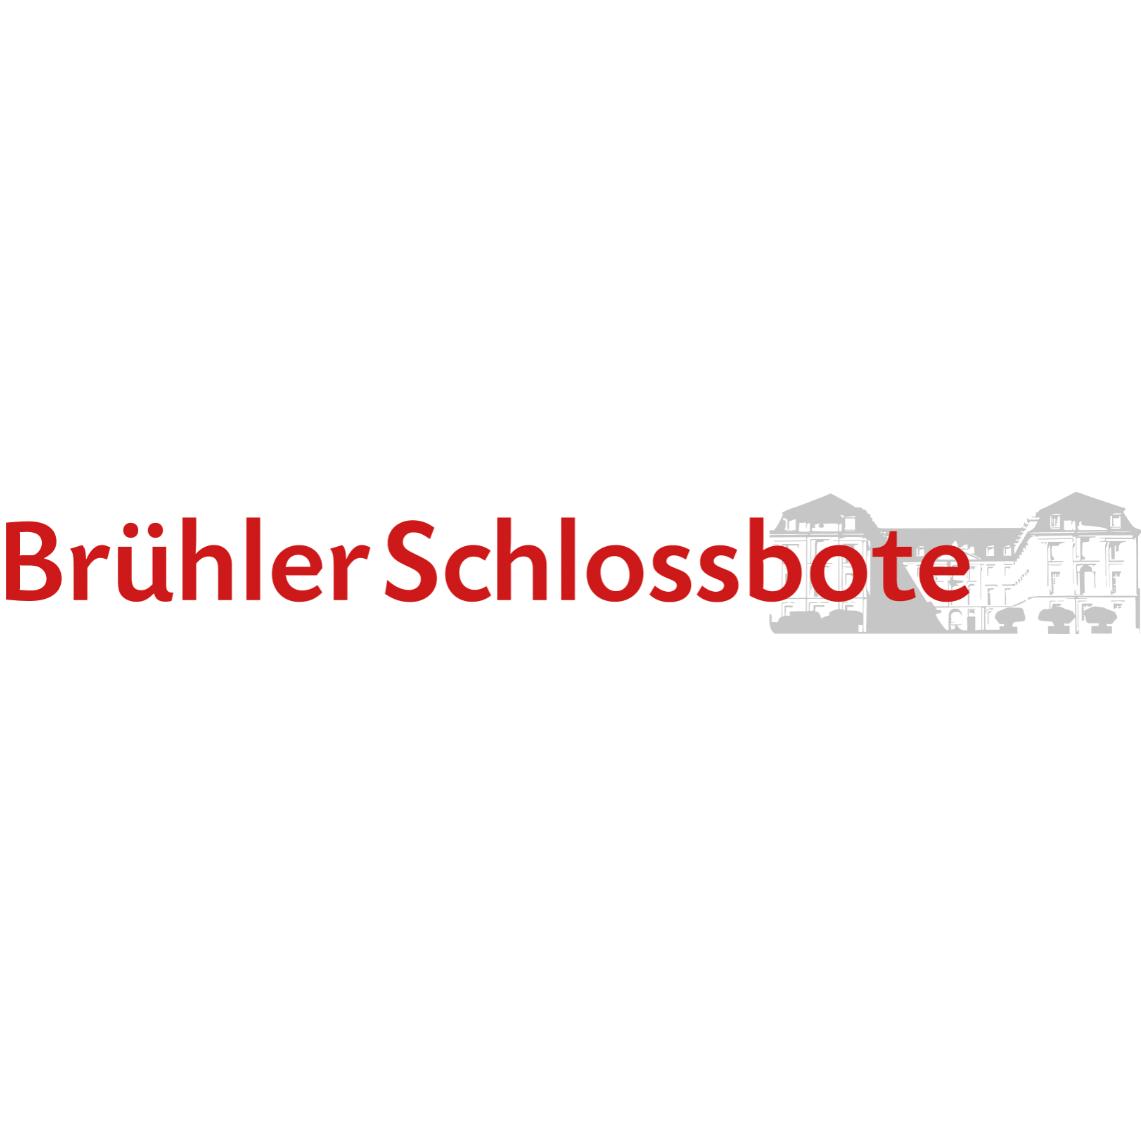 Bild zu Brühler Schlossbote in Brühl im Rheinland